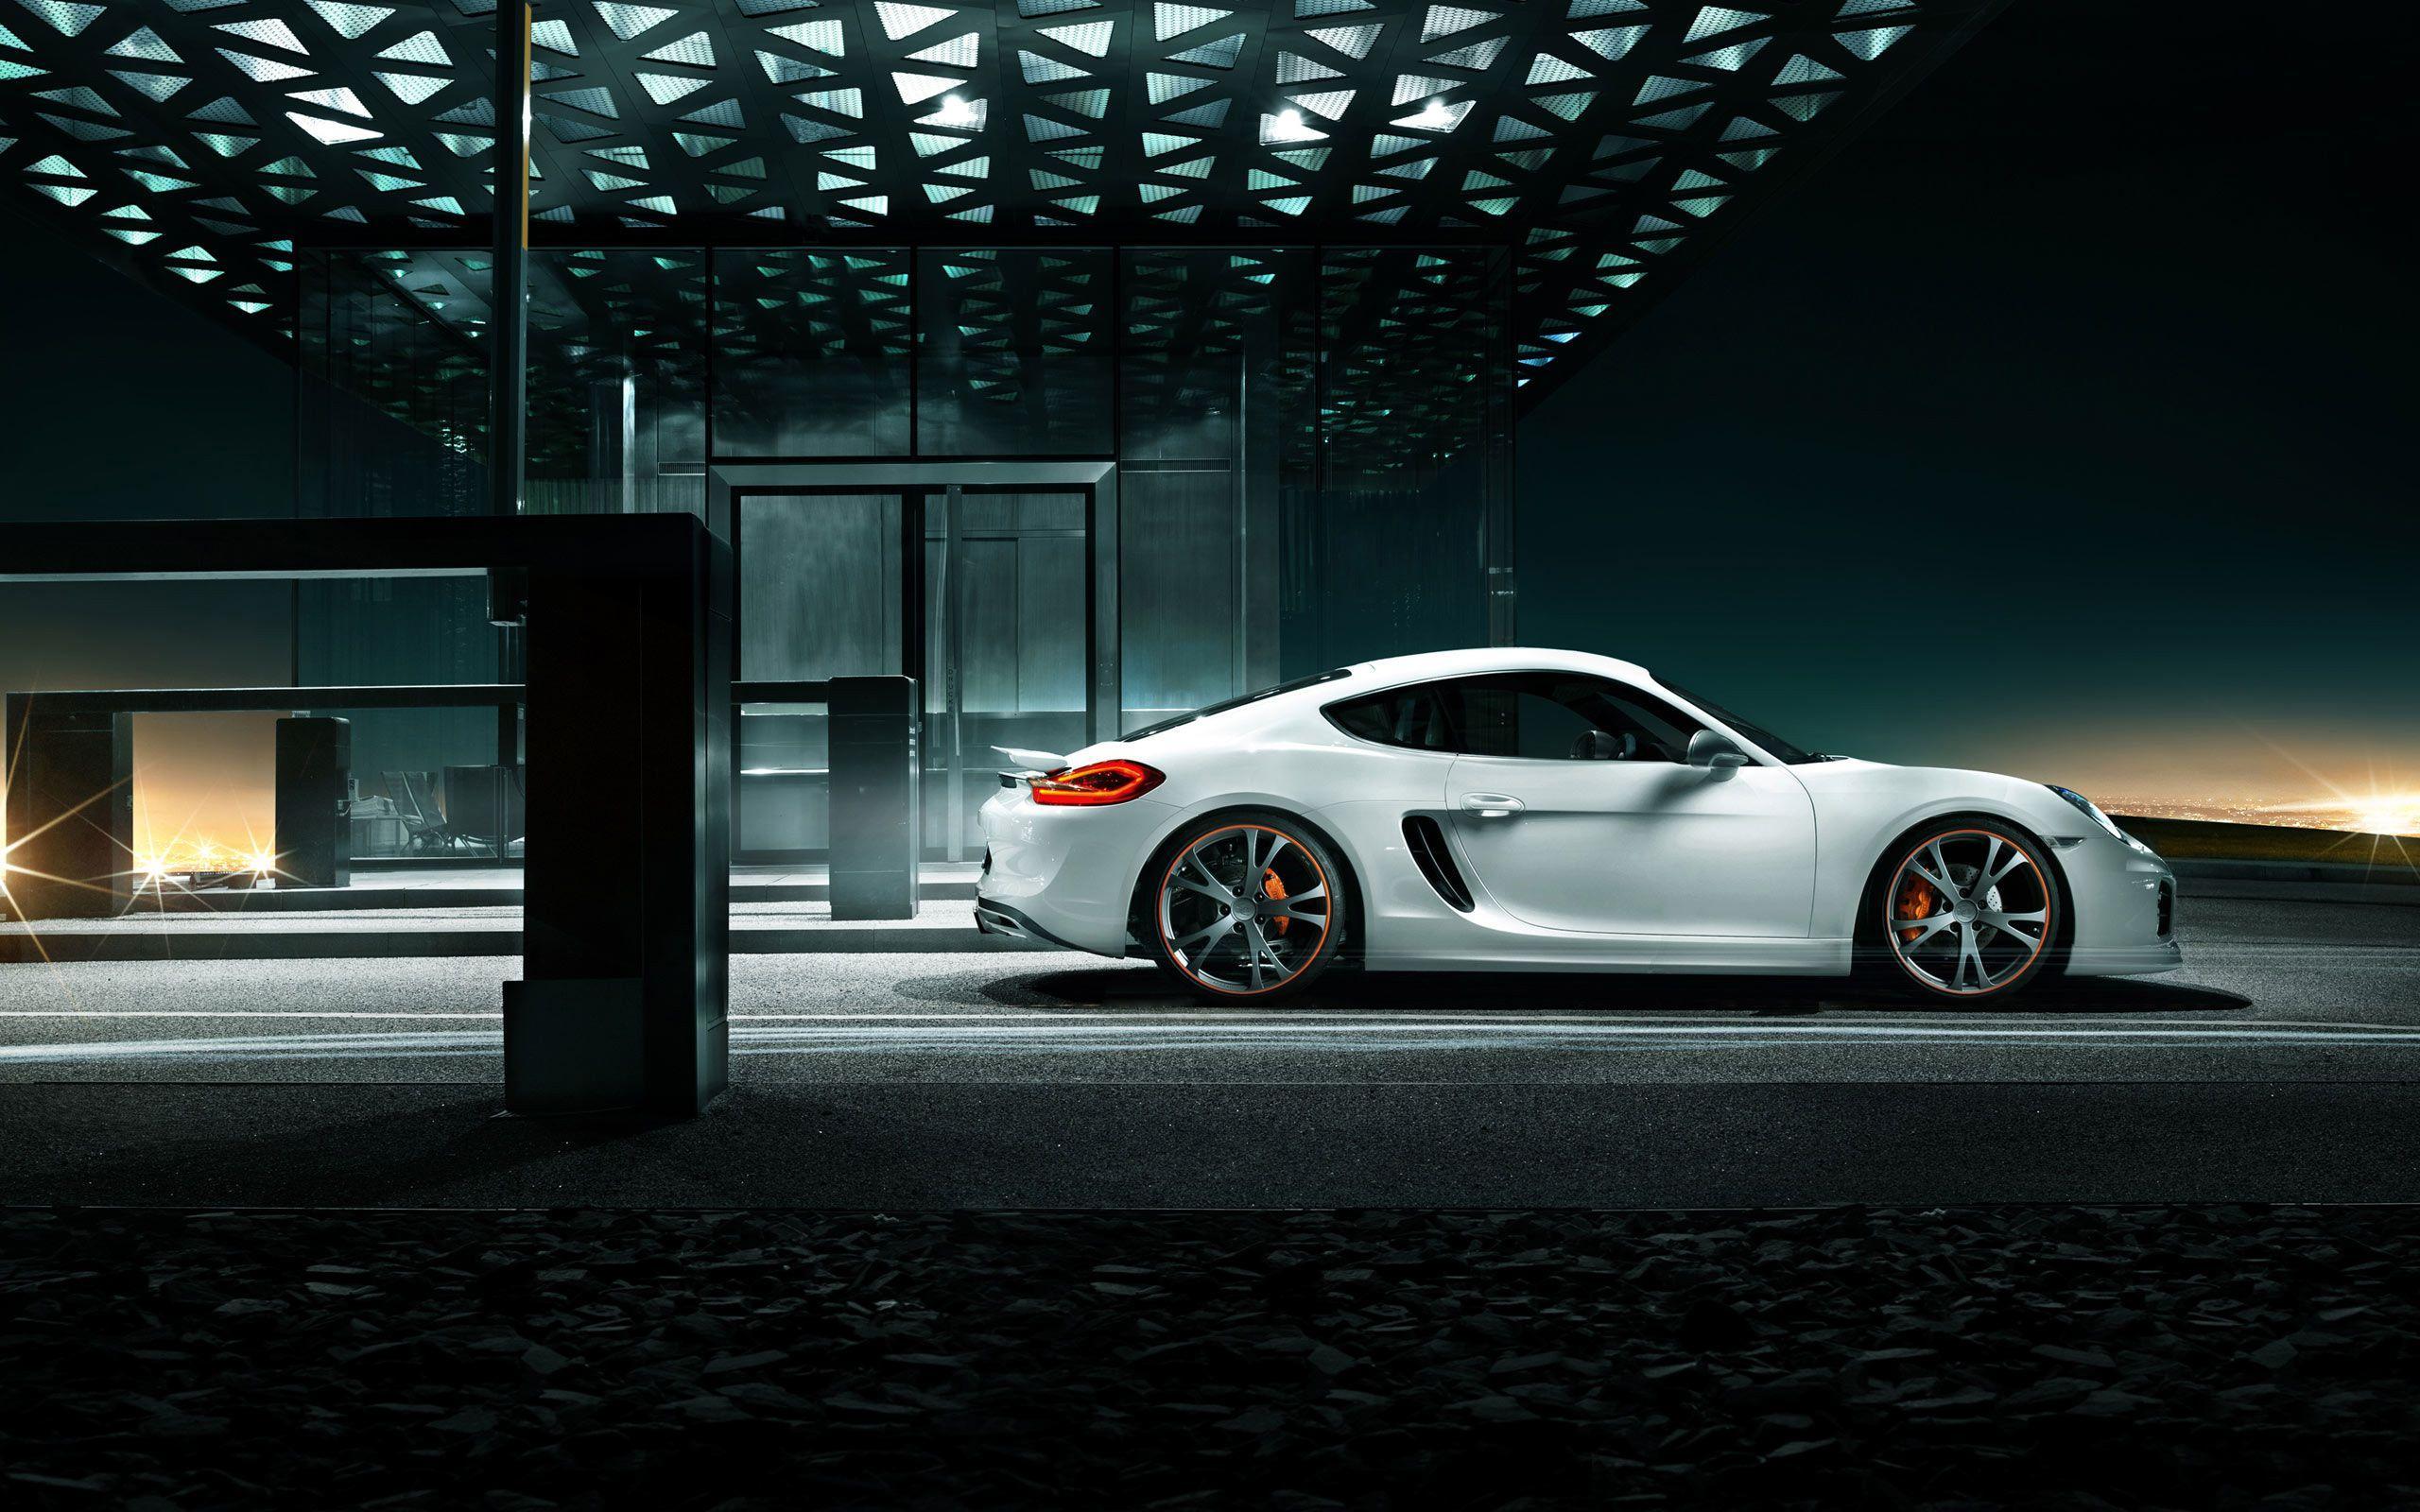 Hd Porsche Wallpapers Top Free Hd Porsche Backgrounds Wallpaperaccess